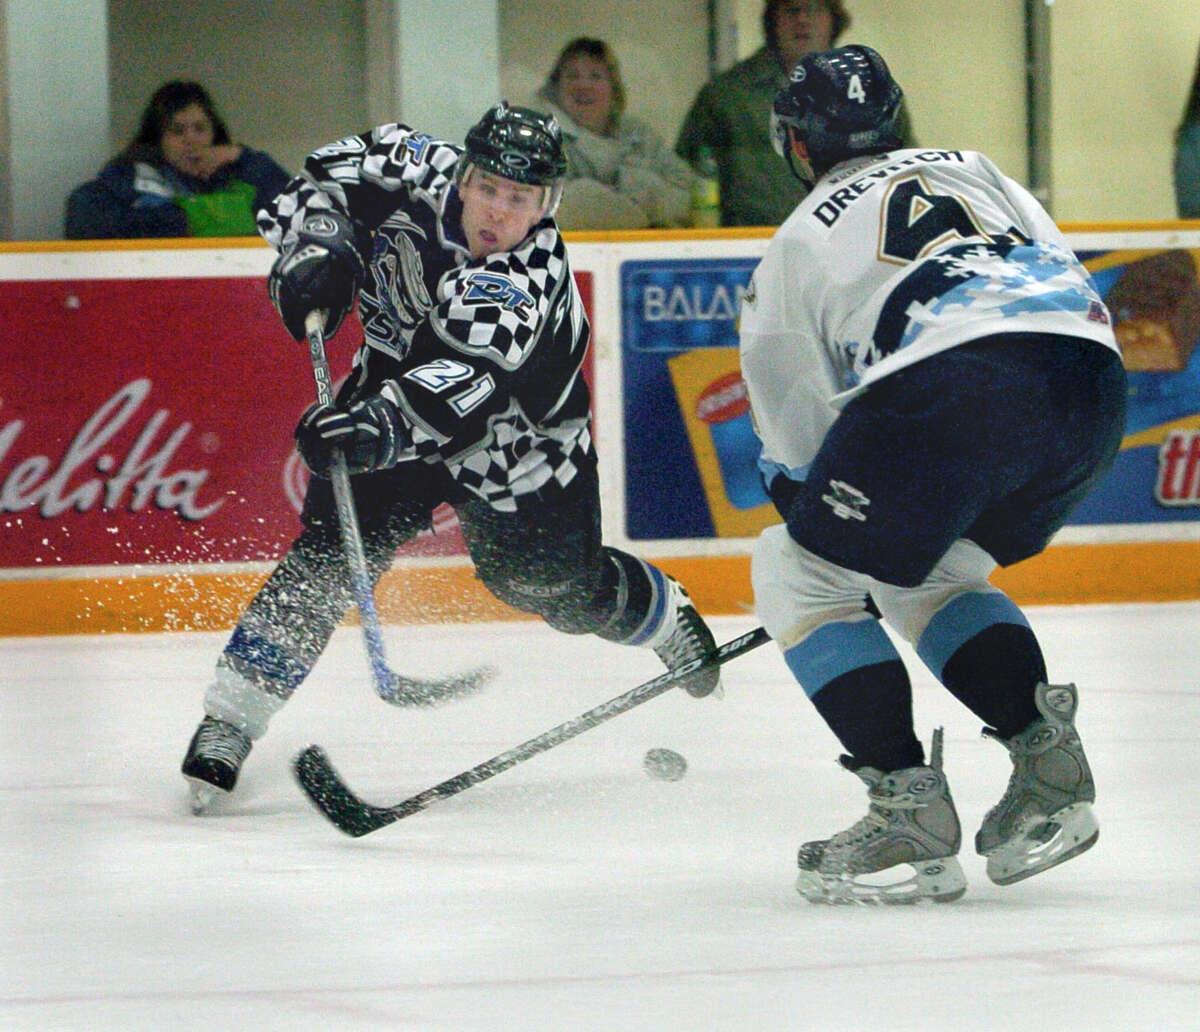 Trashers ice hockey vs Adirondack: left, Trashers # 21Danny Stewart right, Adirondack #4,Scott Drevitch